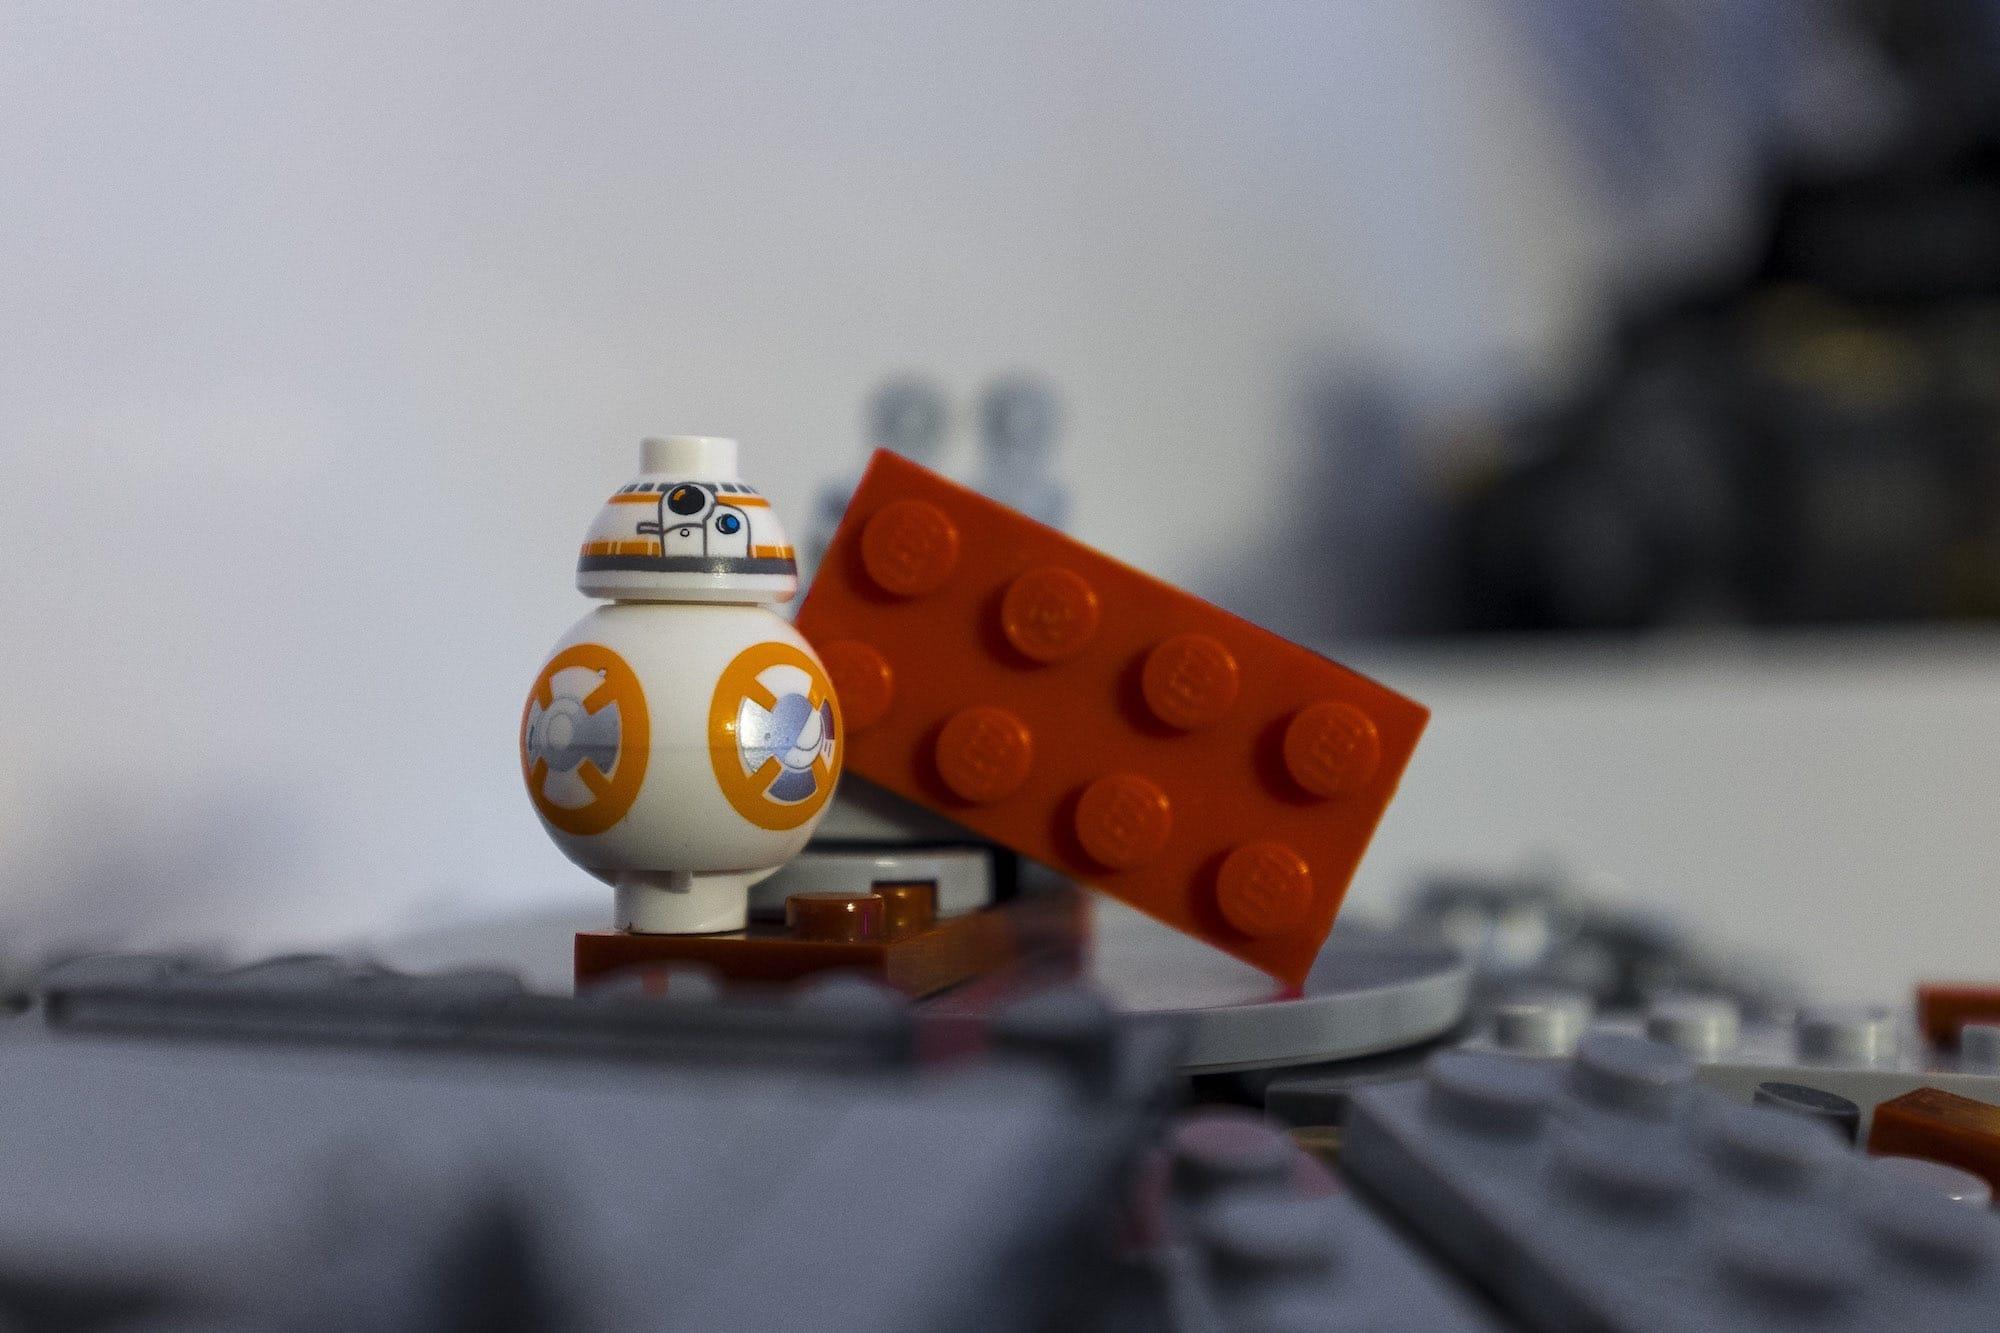 Chińskie Lego Czyli Spełniam Dziecięce Marzenia Imagazine